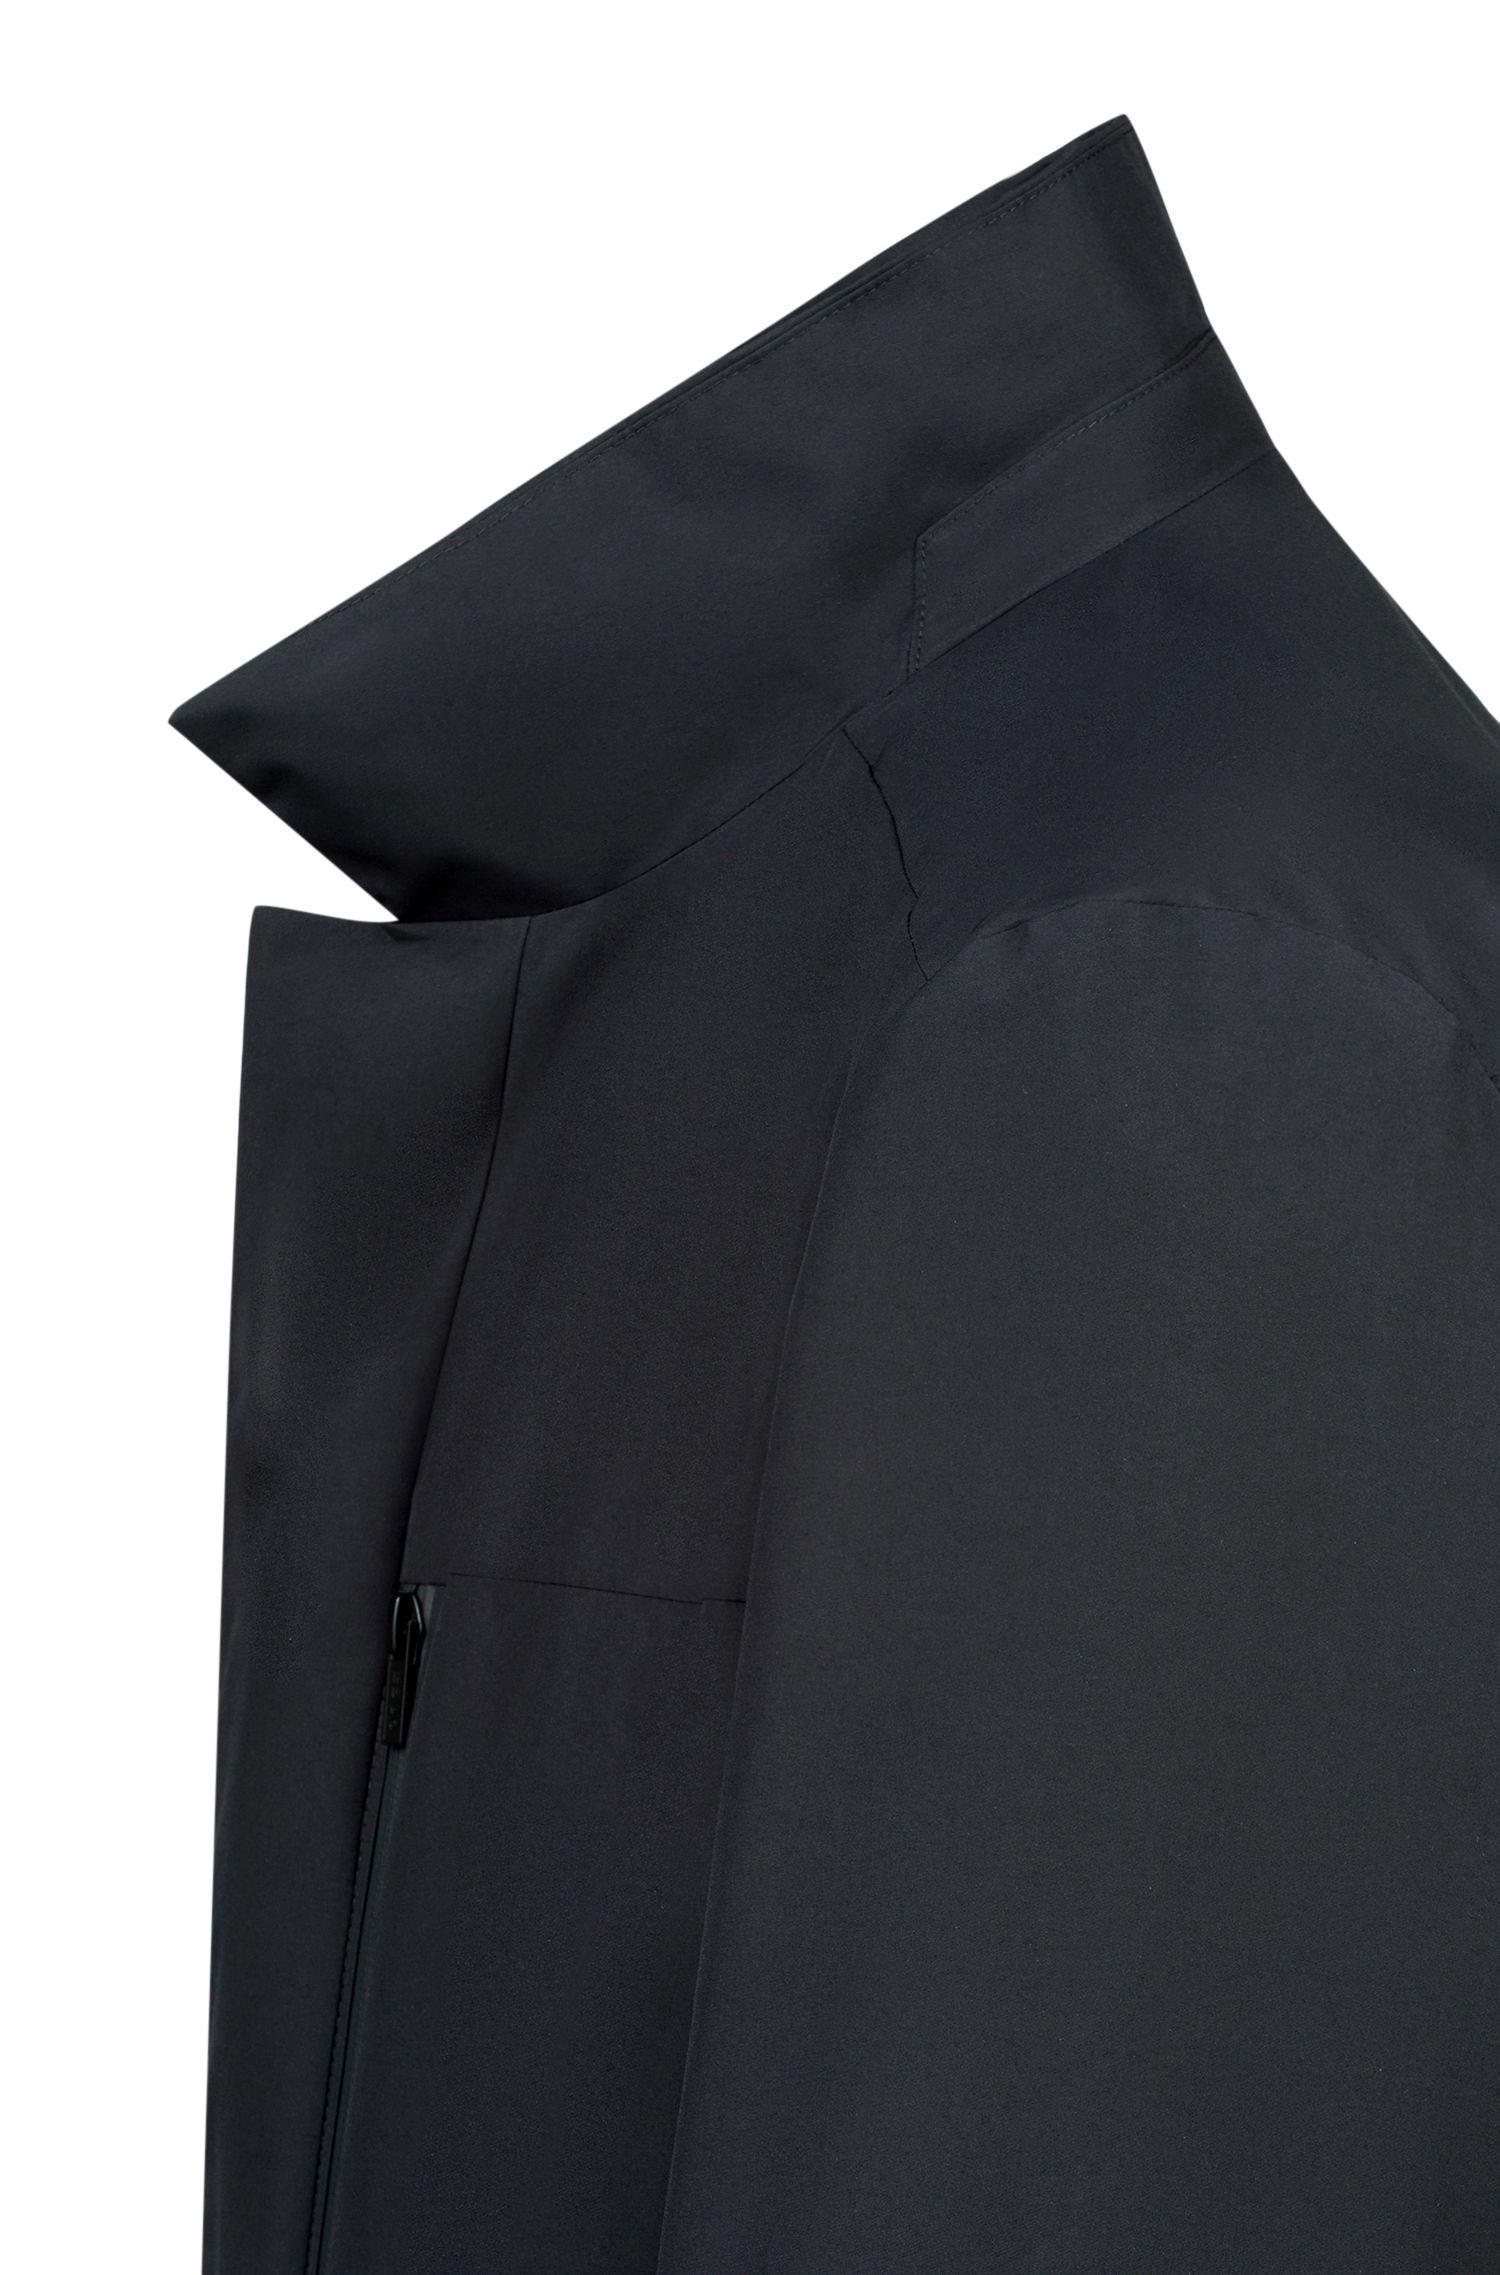 Waterafstotende jas met uitneembare, opstaande kraag, Zwart